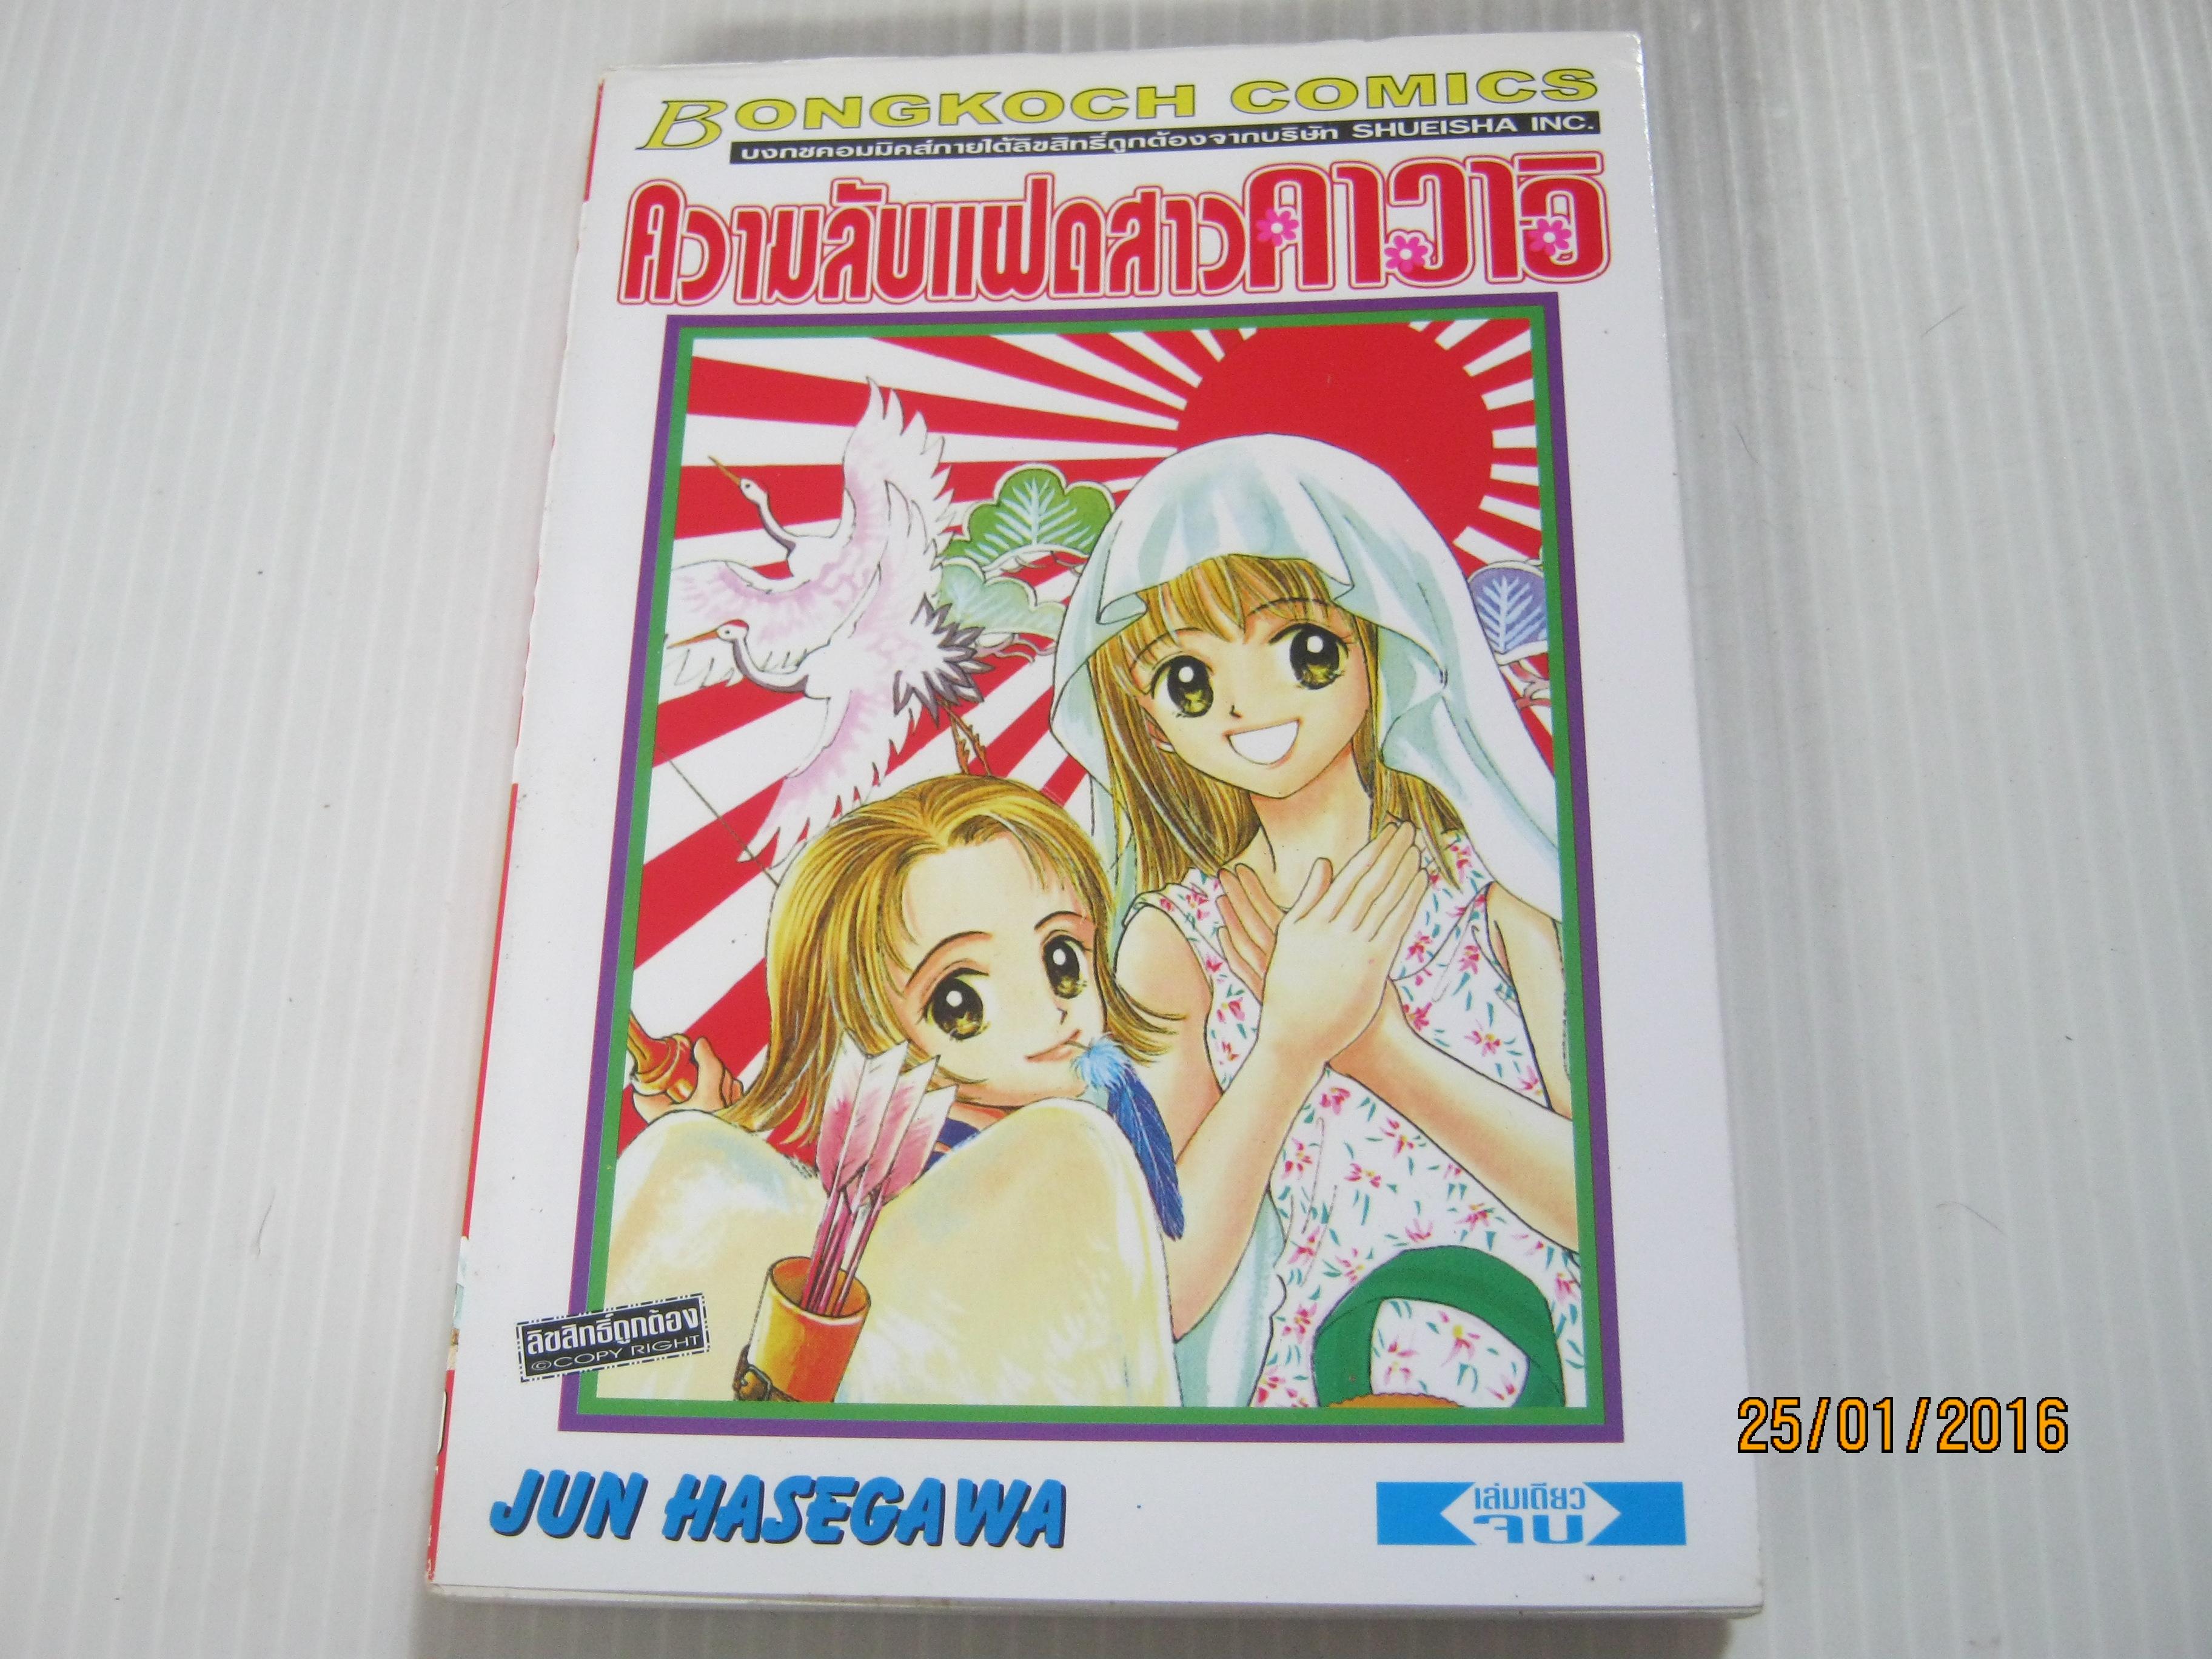 ความลับแฝดสาวคาวาอิ เล่มเดียวจบ Jun Hasegawa เขียน